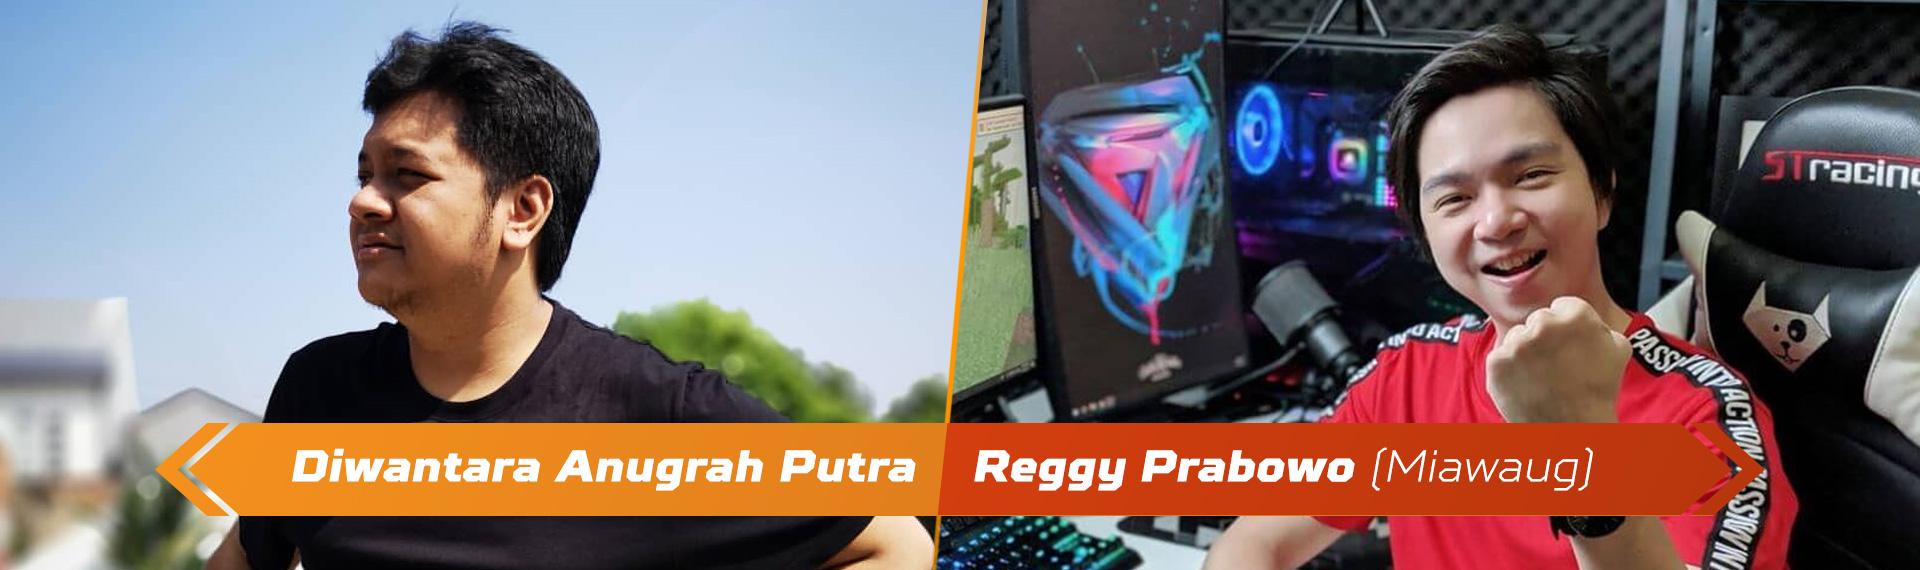 5 Influencer Game Terbaik di Indonesia yang Jadi Favorit